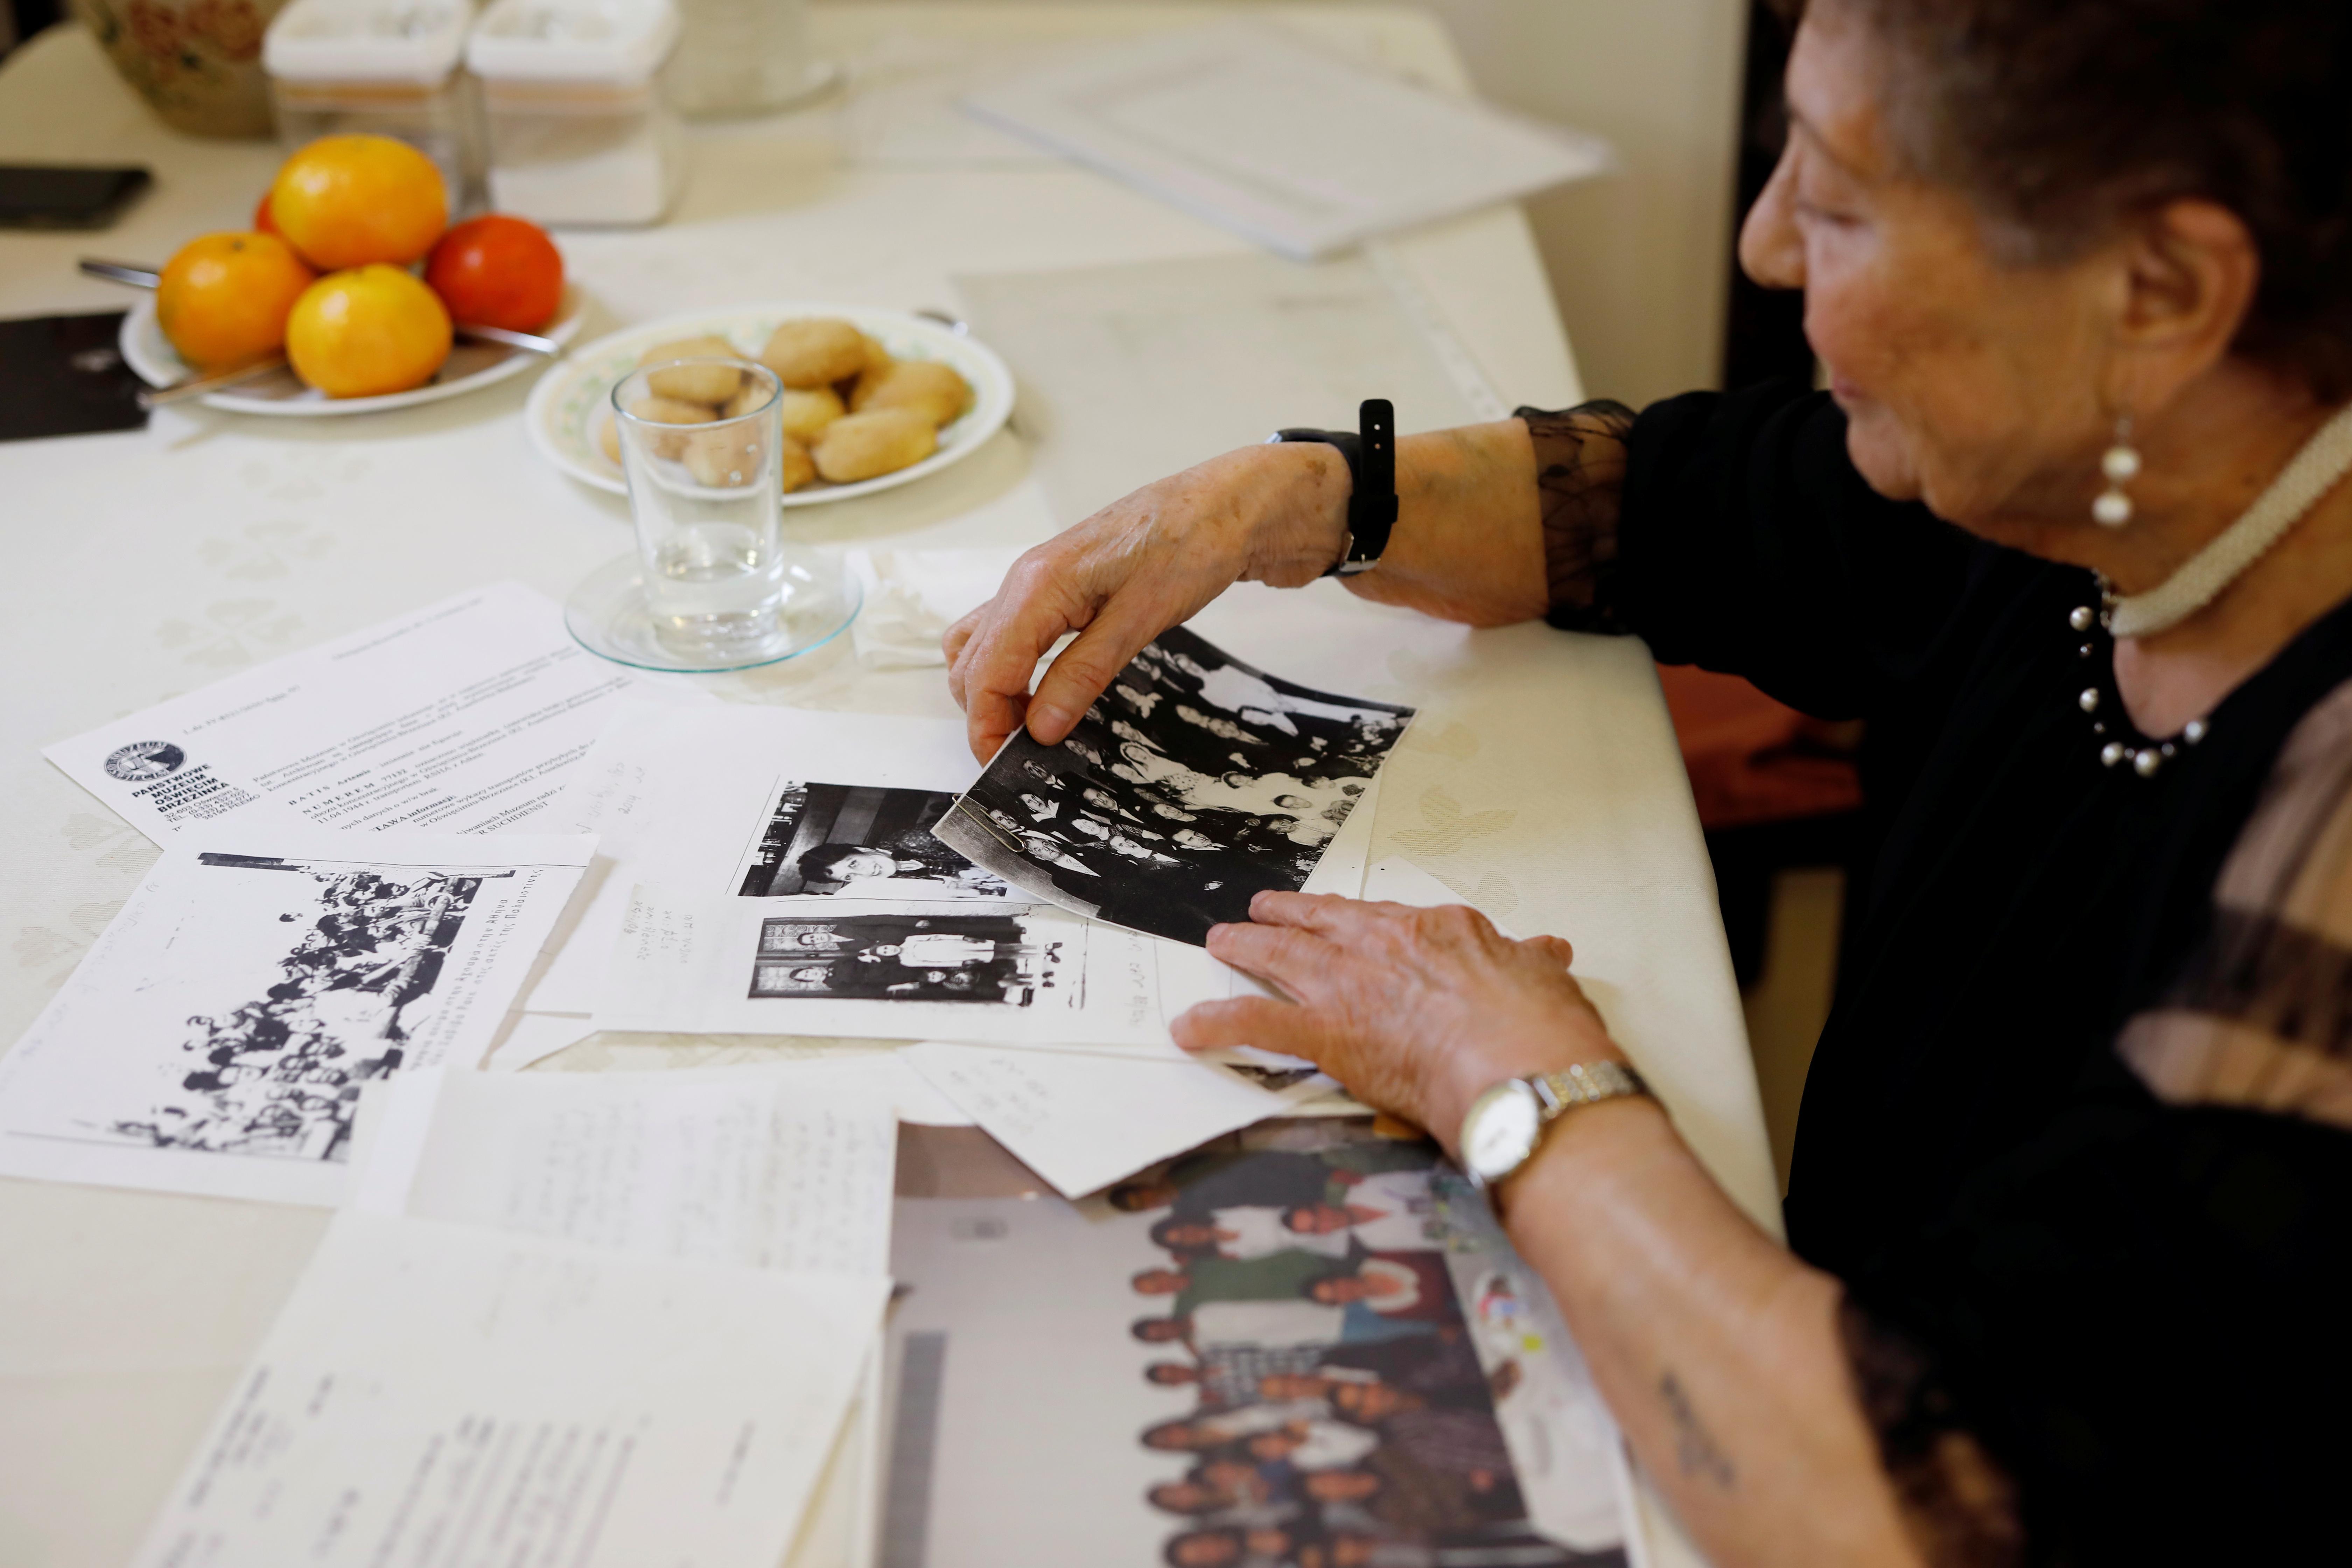 """"""" Je suis resté en vie pour le dire '' – Les survivants en déclin d'Auschwitz racontent les horreurs du camp d'extermination nazi"""